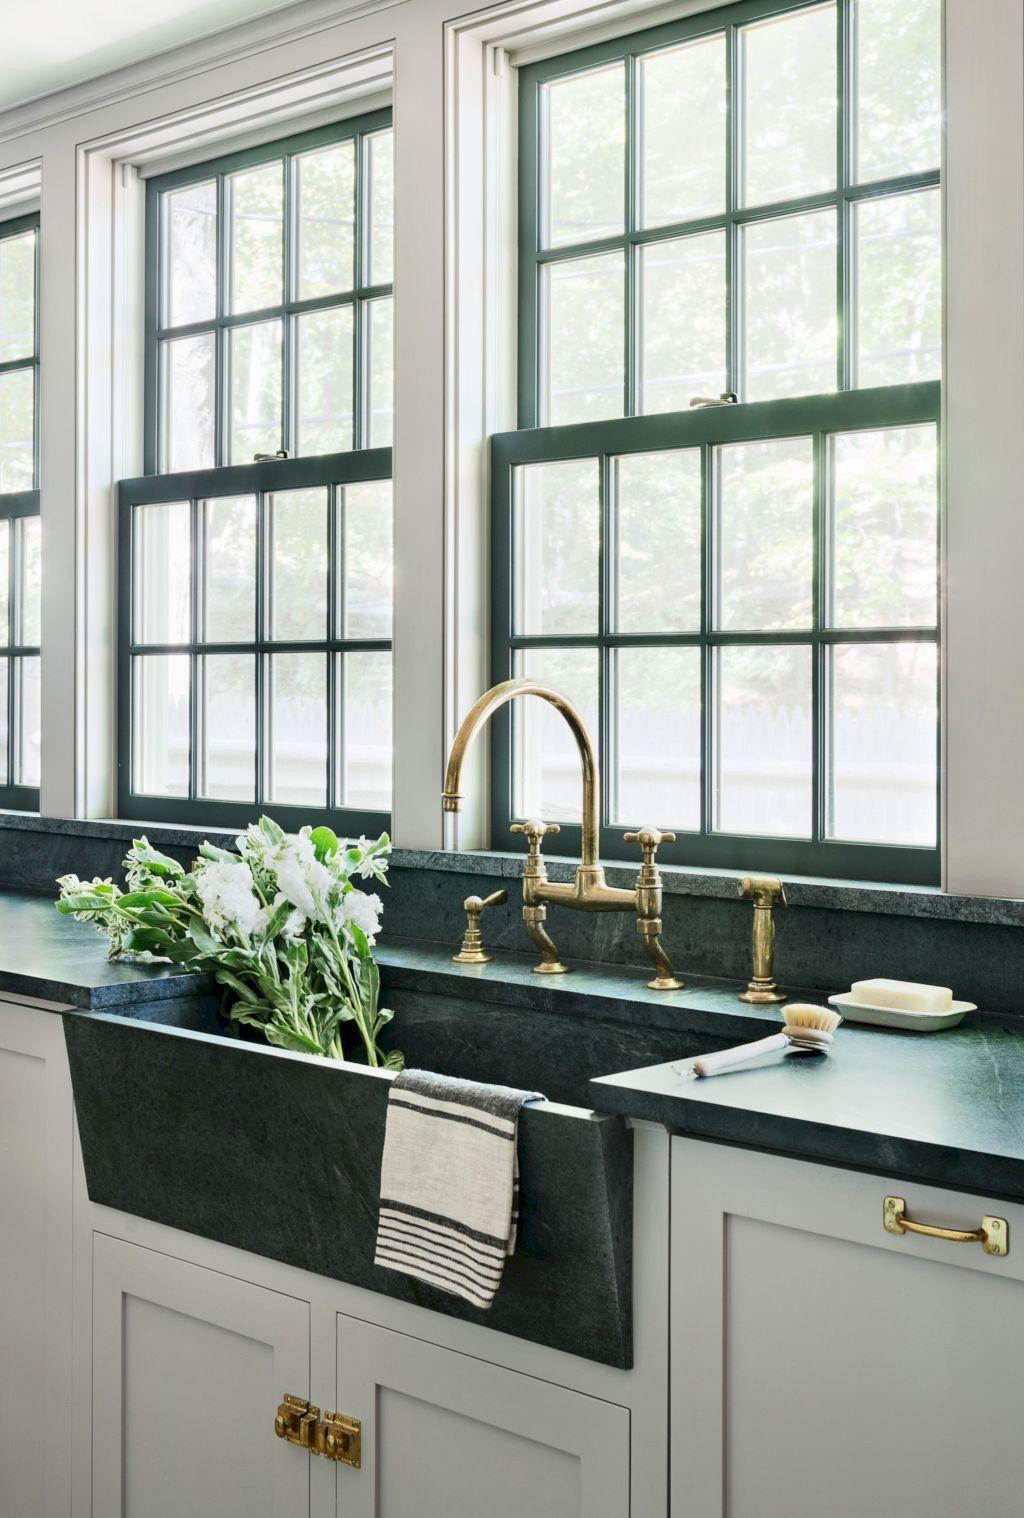 Luxury Where To Buy Farmhouse Kitchen Sinks Farmhouse Sink